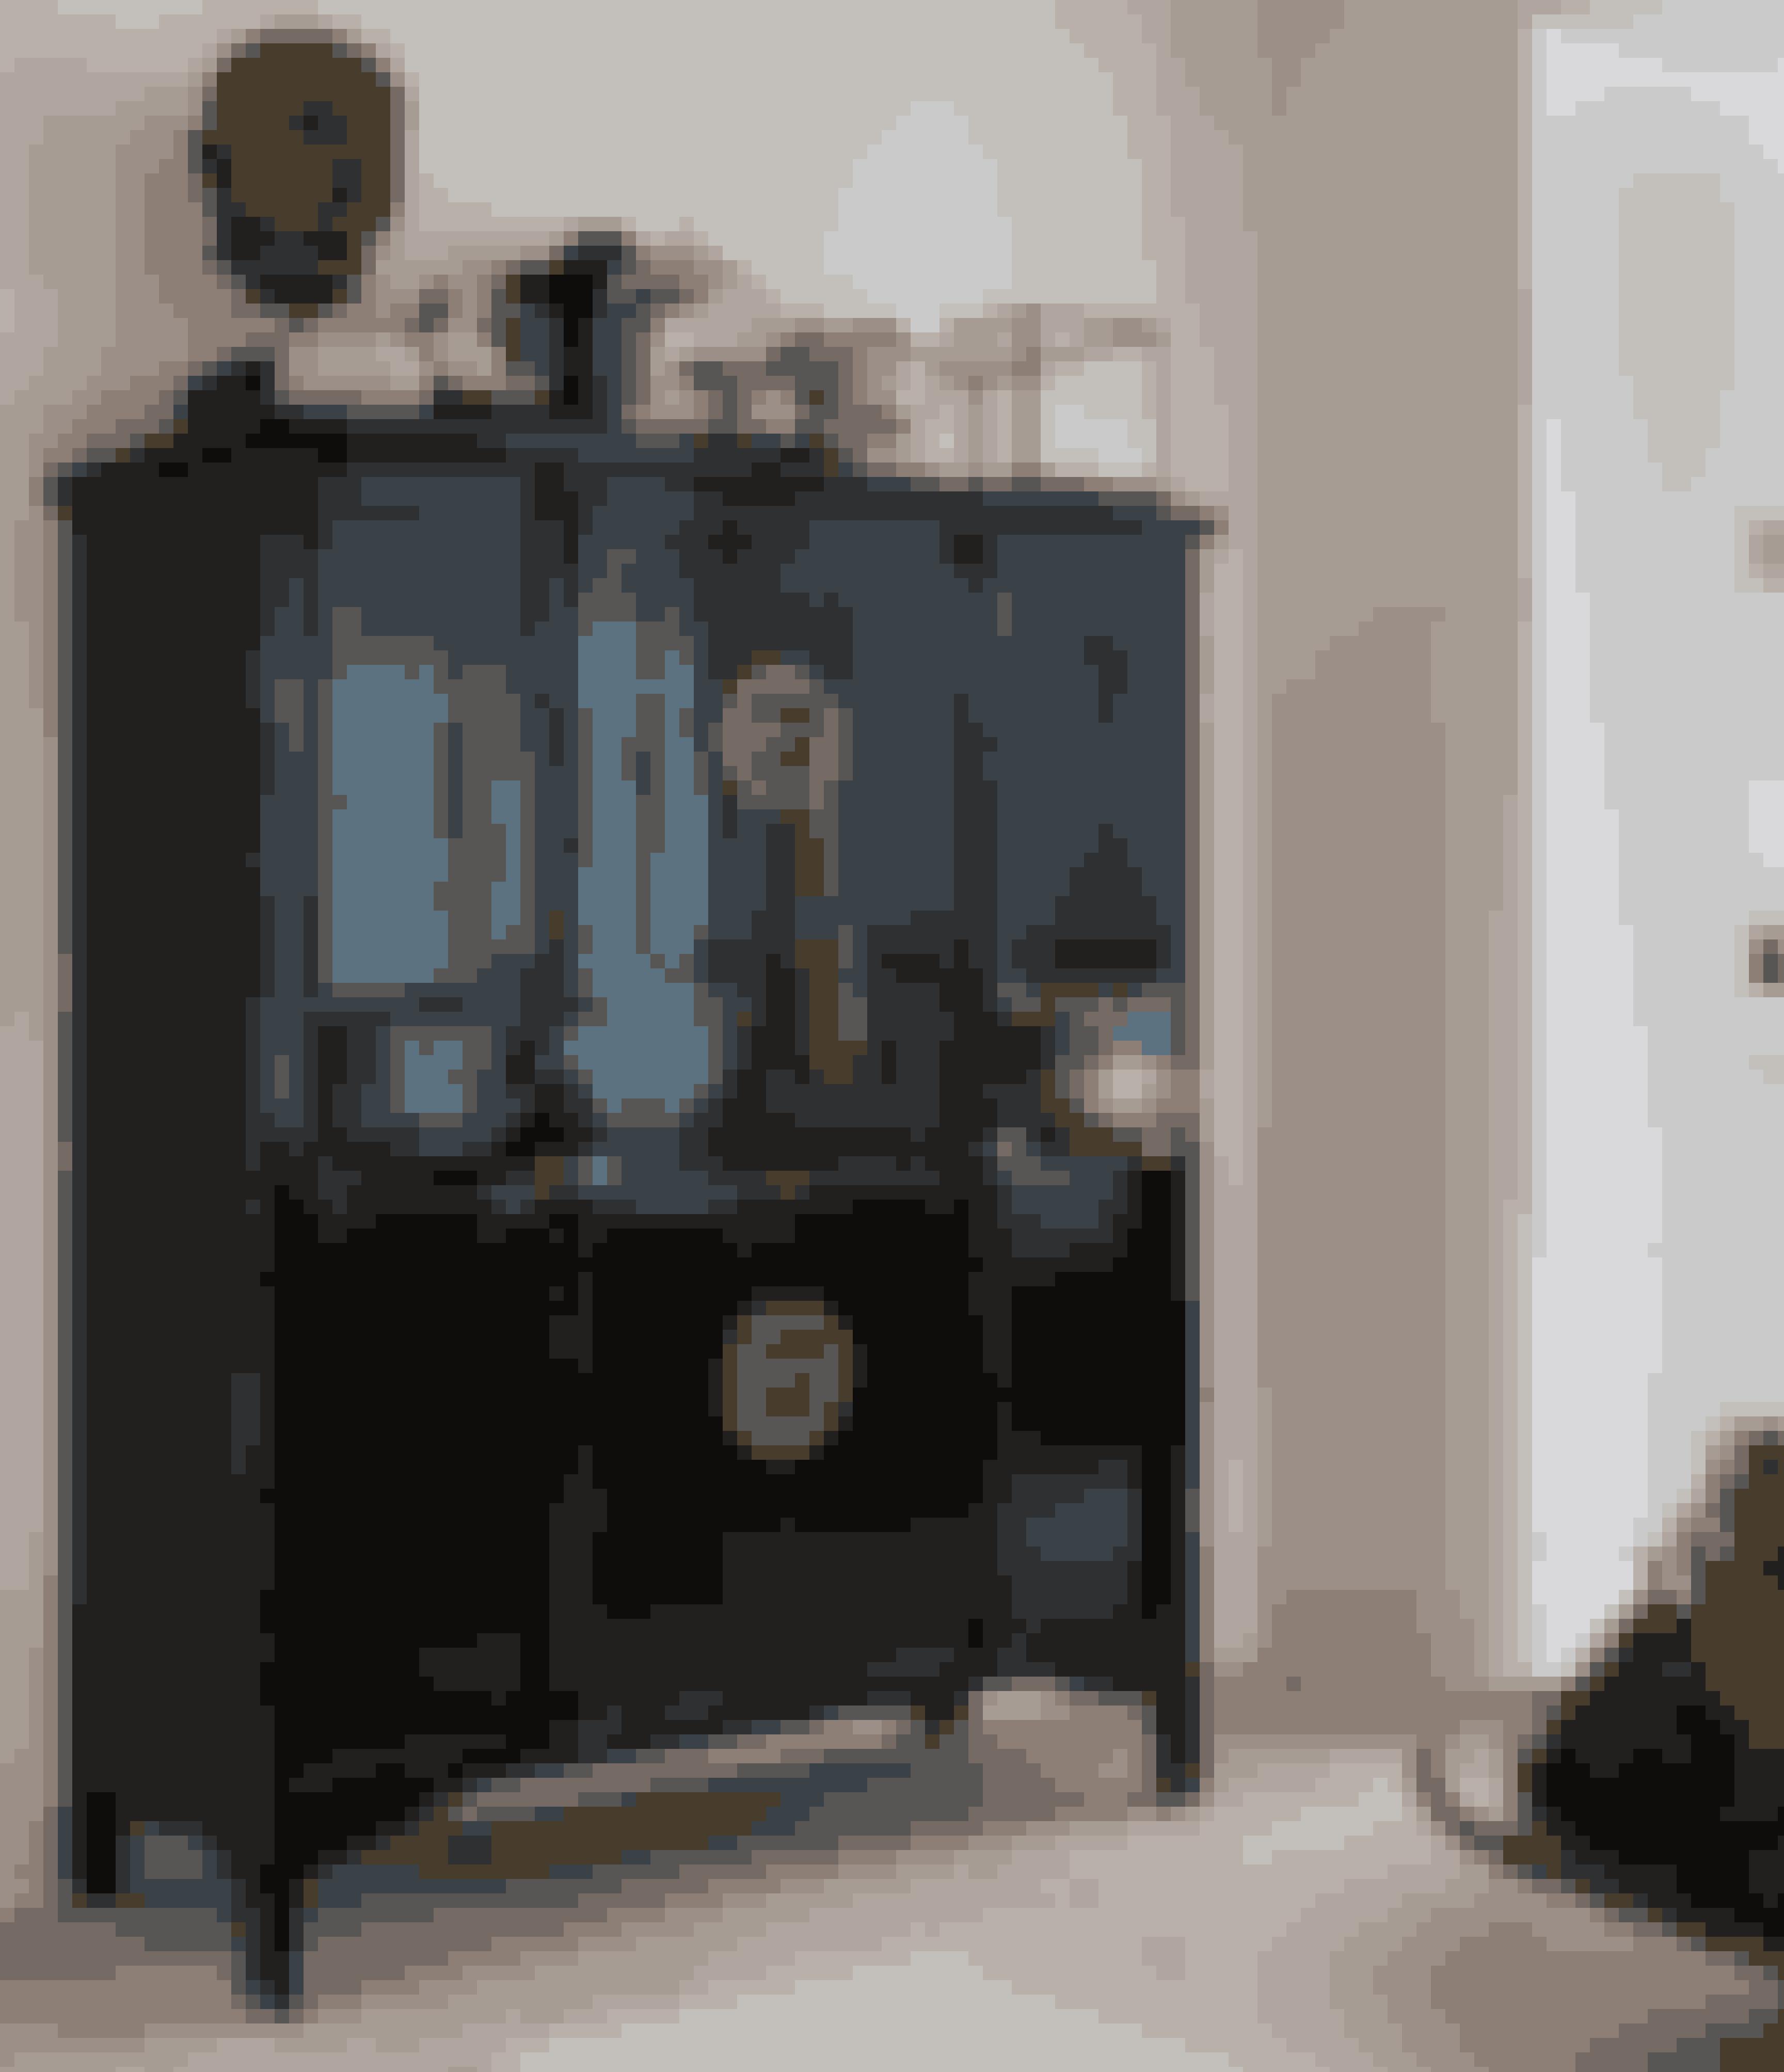 Bryd det stramme look med et vintagemøbel – det giver kant til din stil. Brug også skabet til at lave et fint stilleben af dine favoritsager. Skab og Buddha fra Lauritz.com, glasklokke fås lignende i Fil de Fer, og figurer er souvenirs.